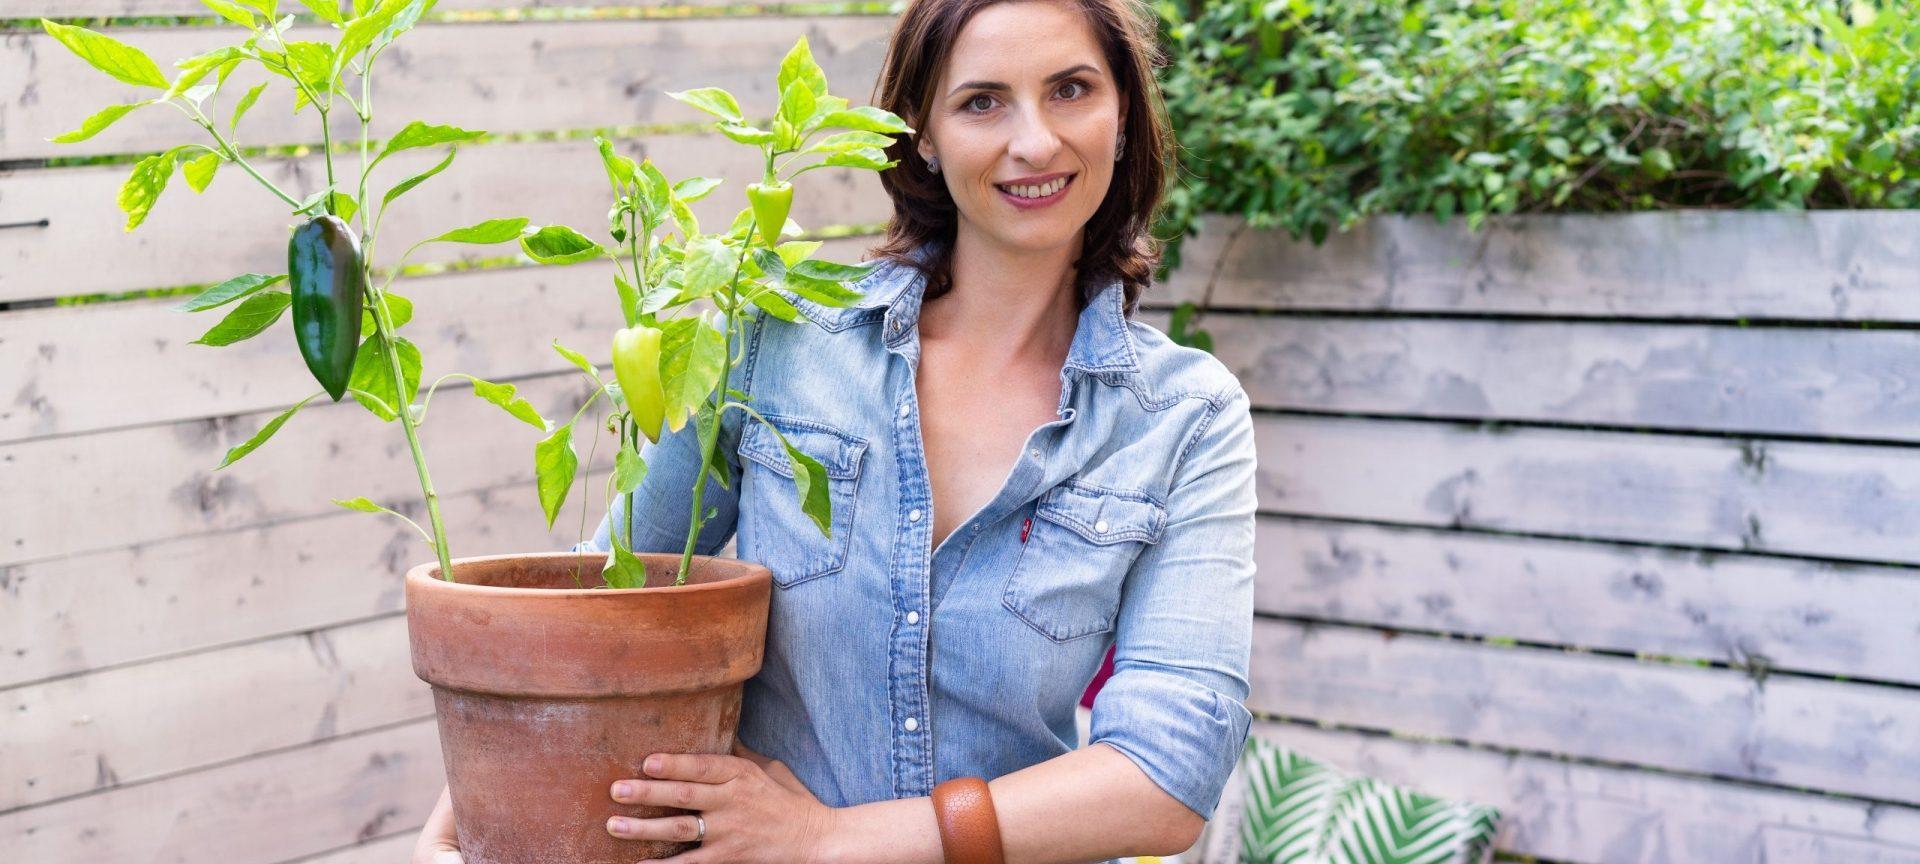 Claudia Buneci